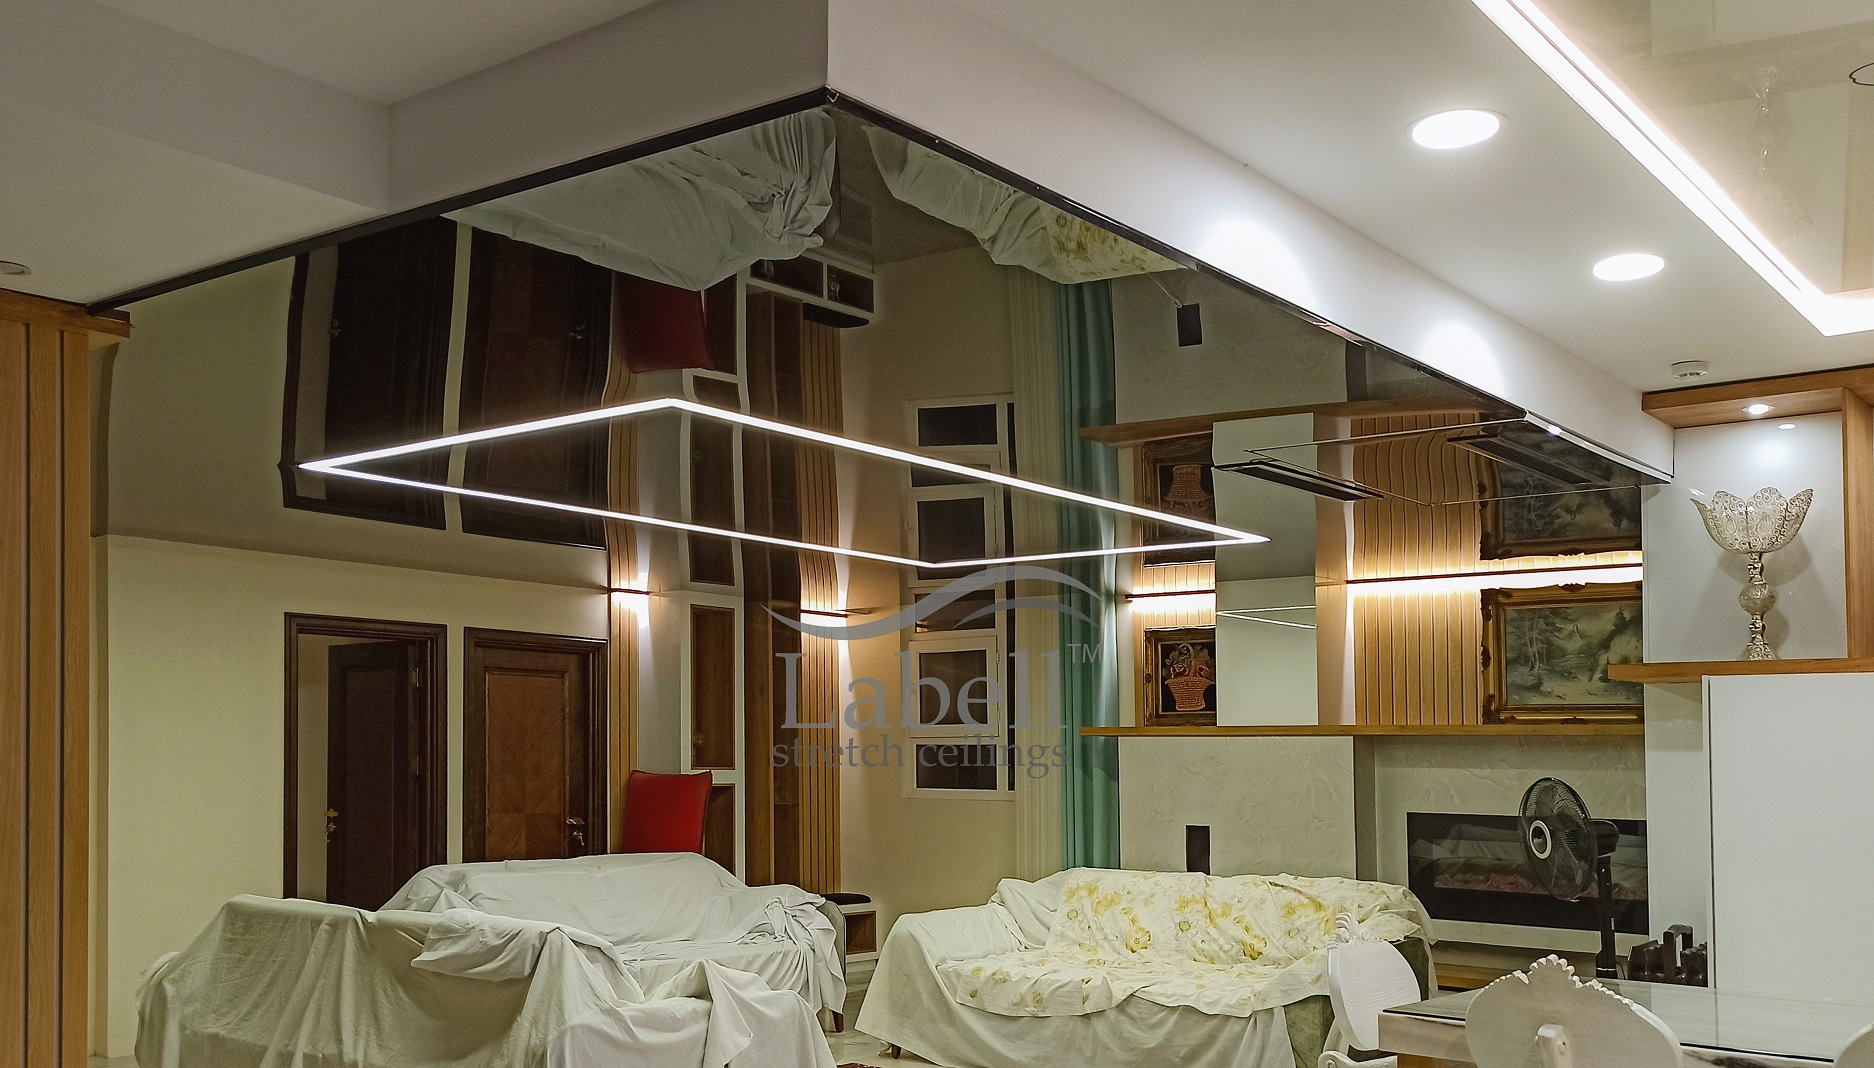 سقف کشسان برای چه فضاهایی مناسب است